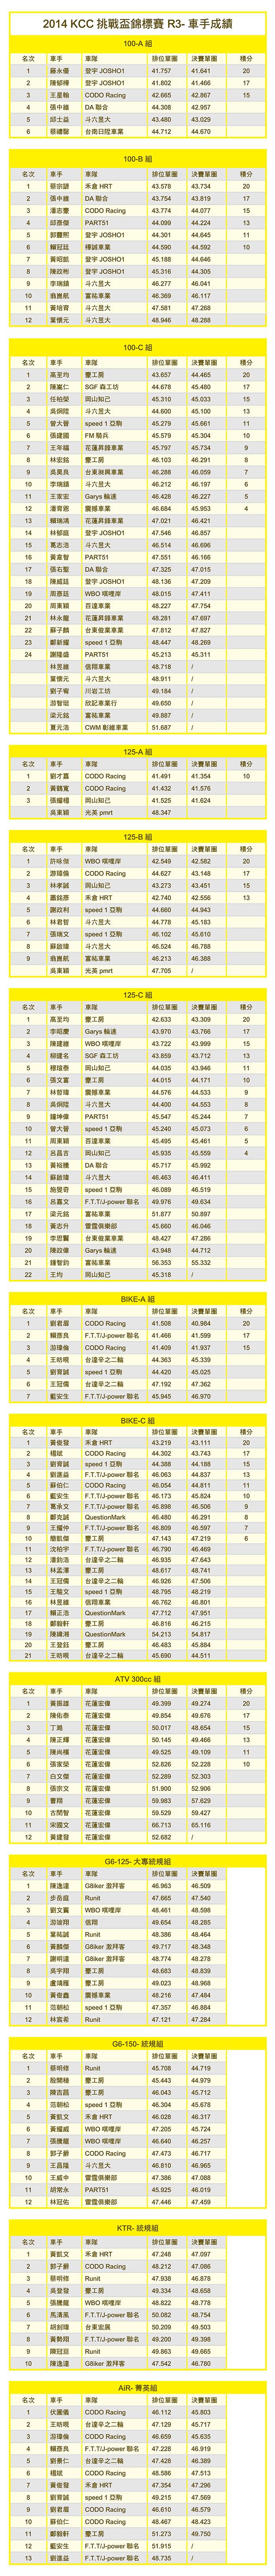 2014KCC-R3成績